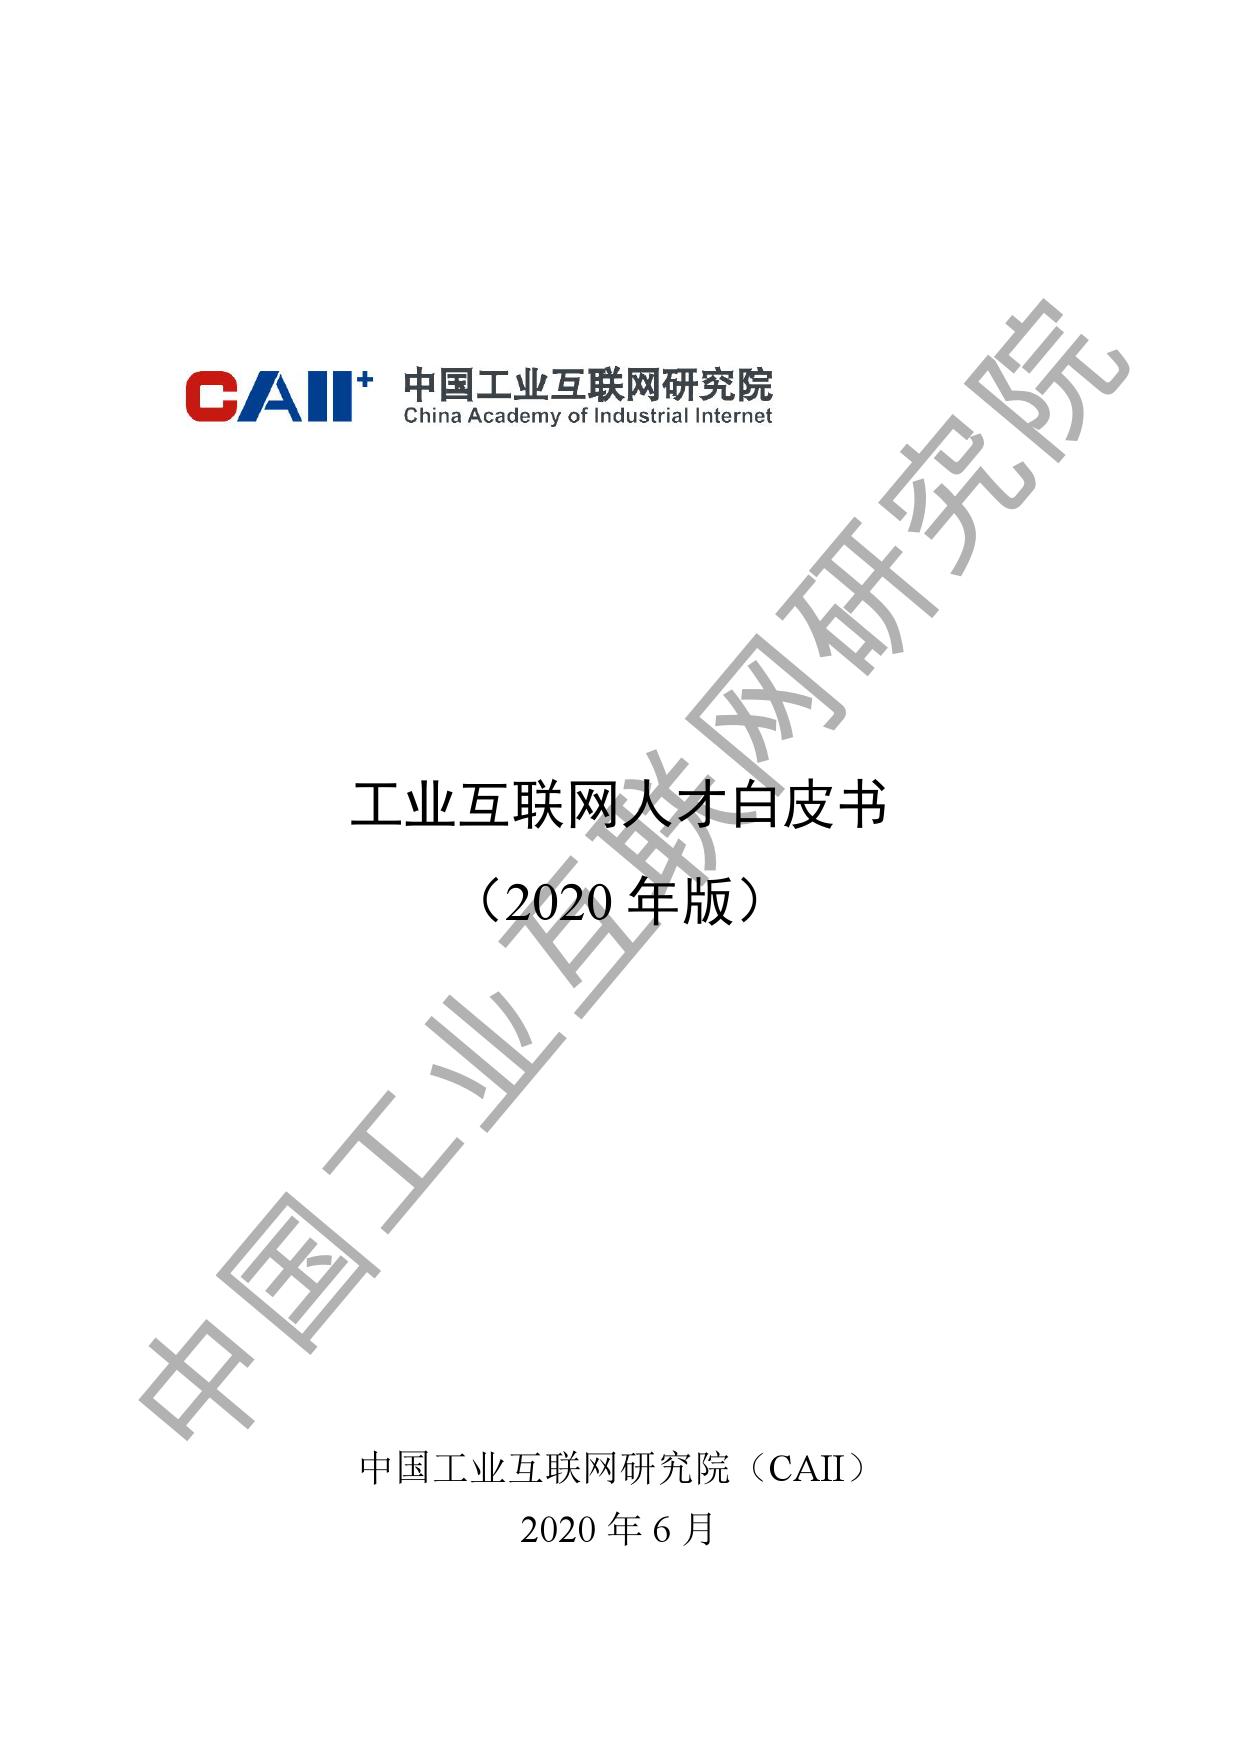 中国工业互联网研究院:2020工业互联网人才白皮书(附下载)